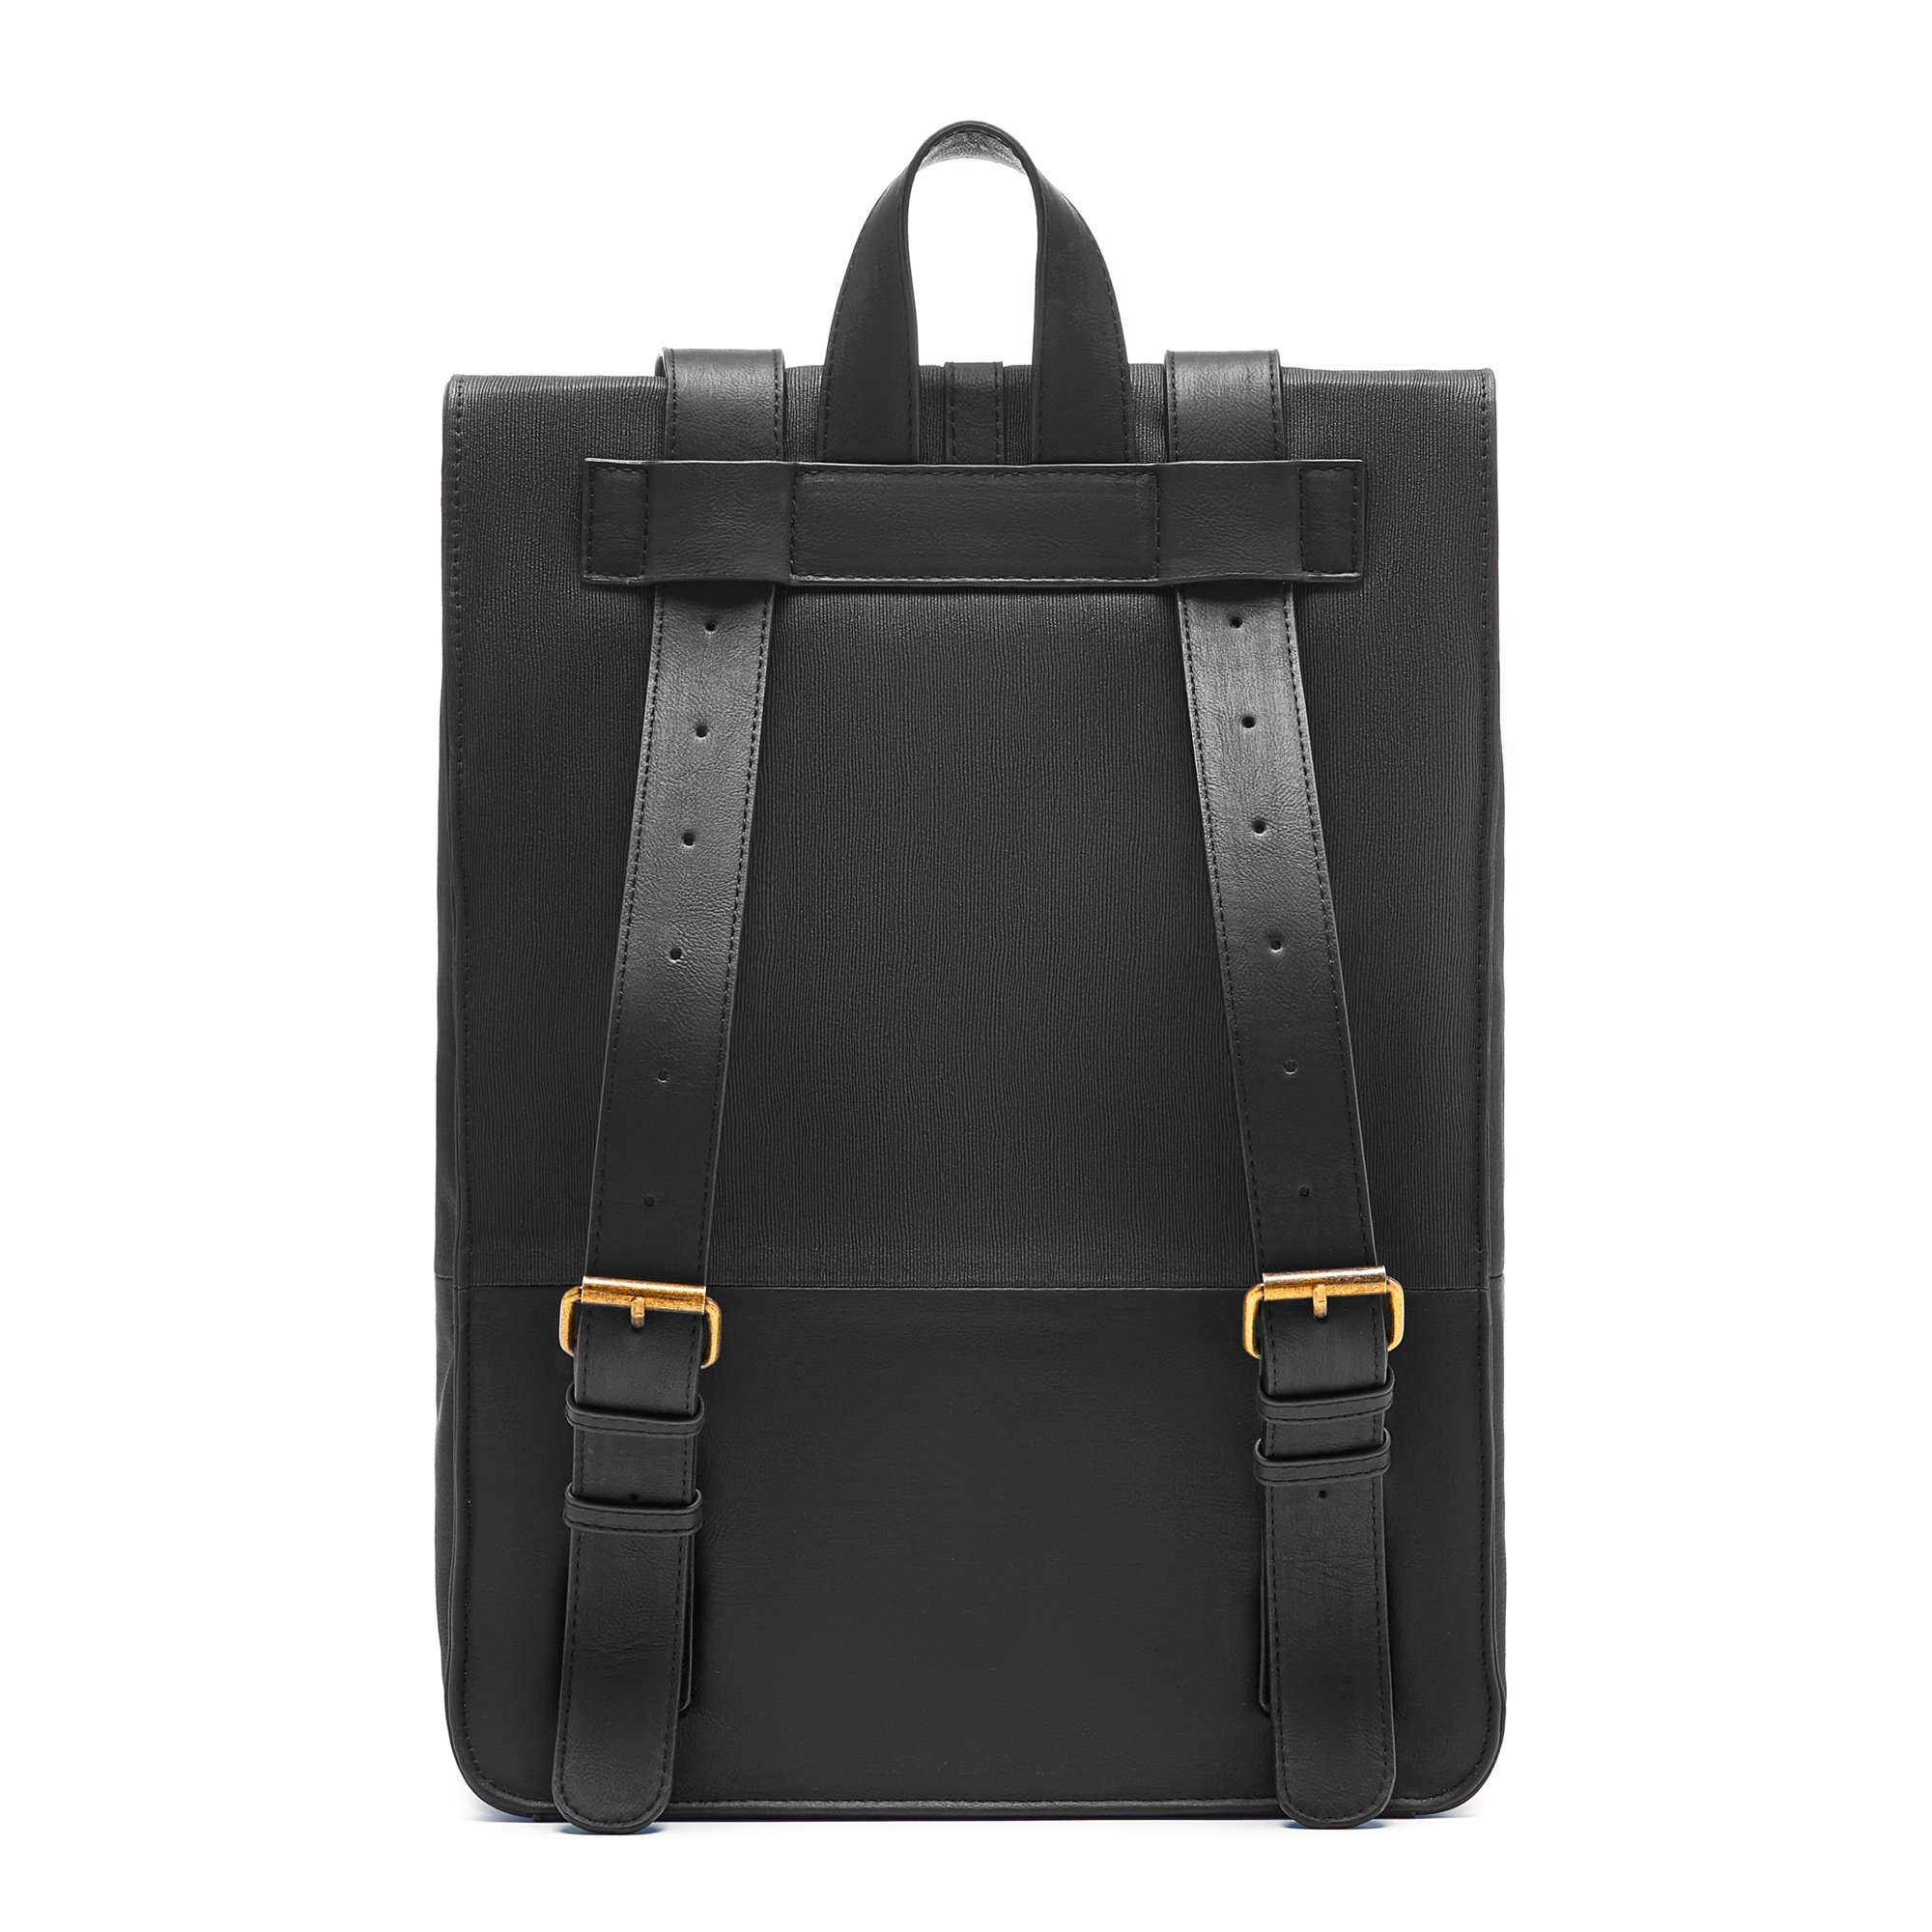 Violet Hamden Essential Bag schwarzer Rucksack